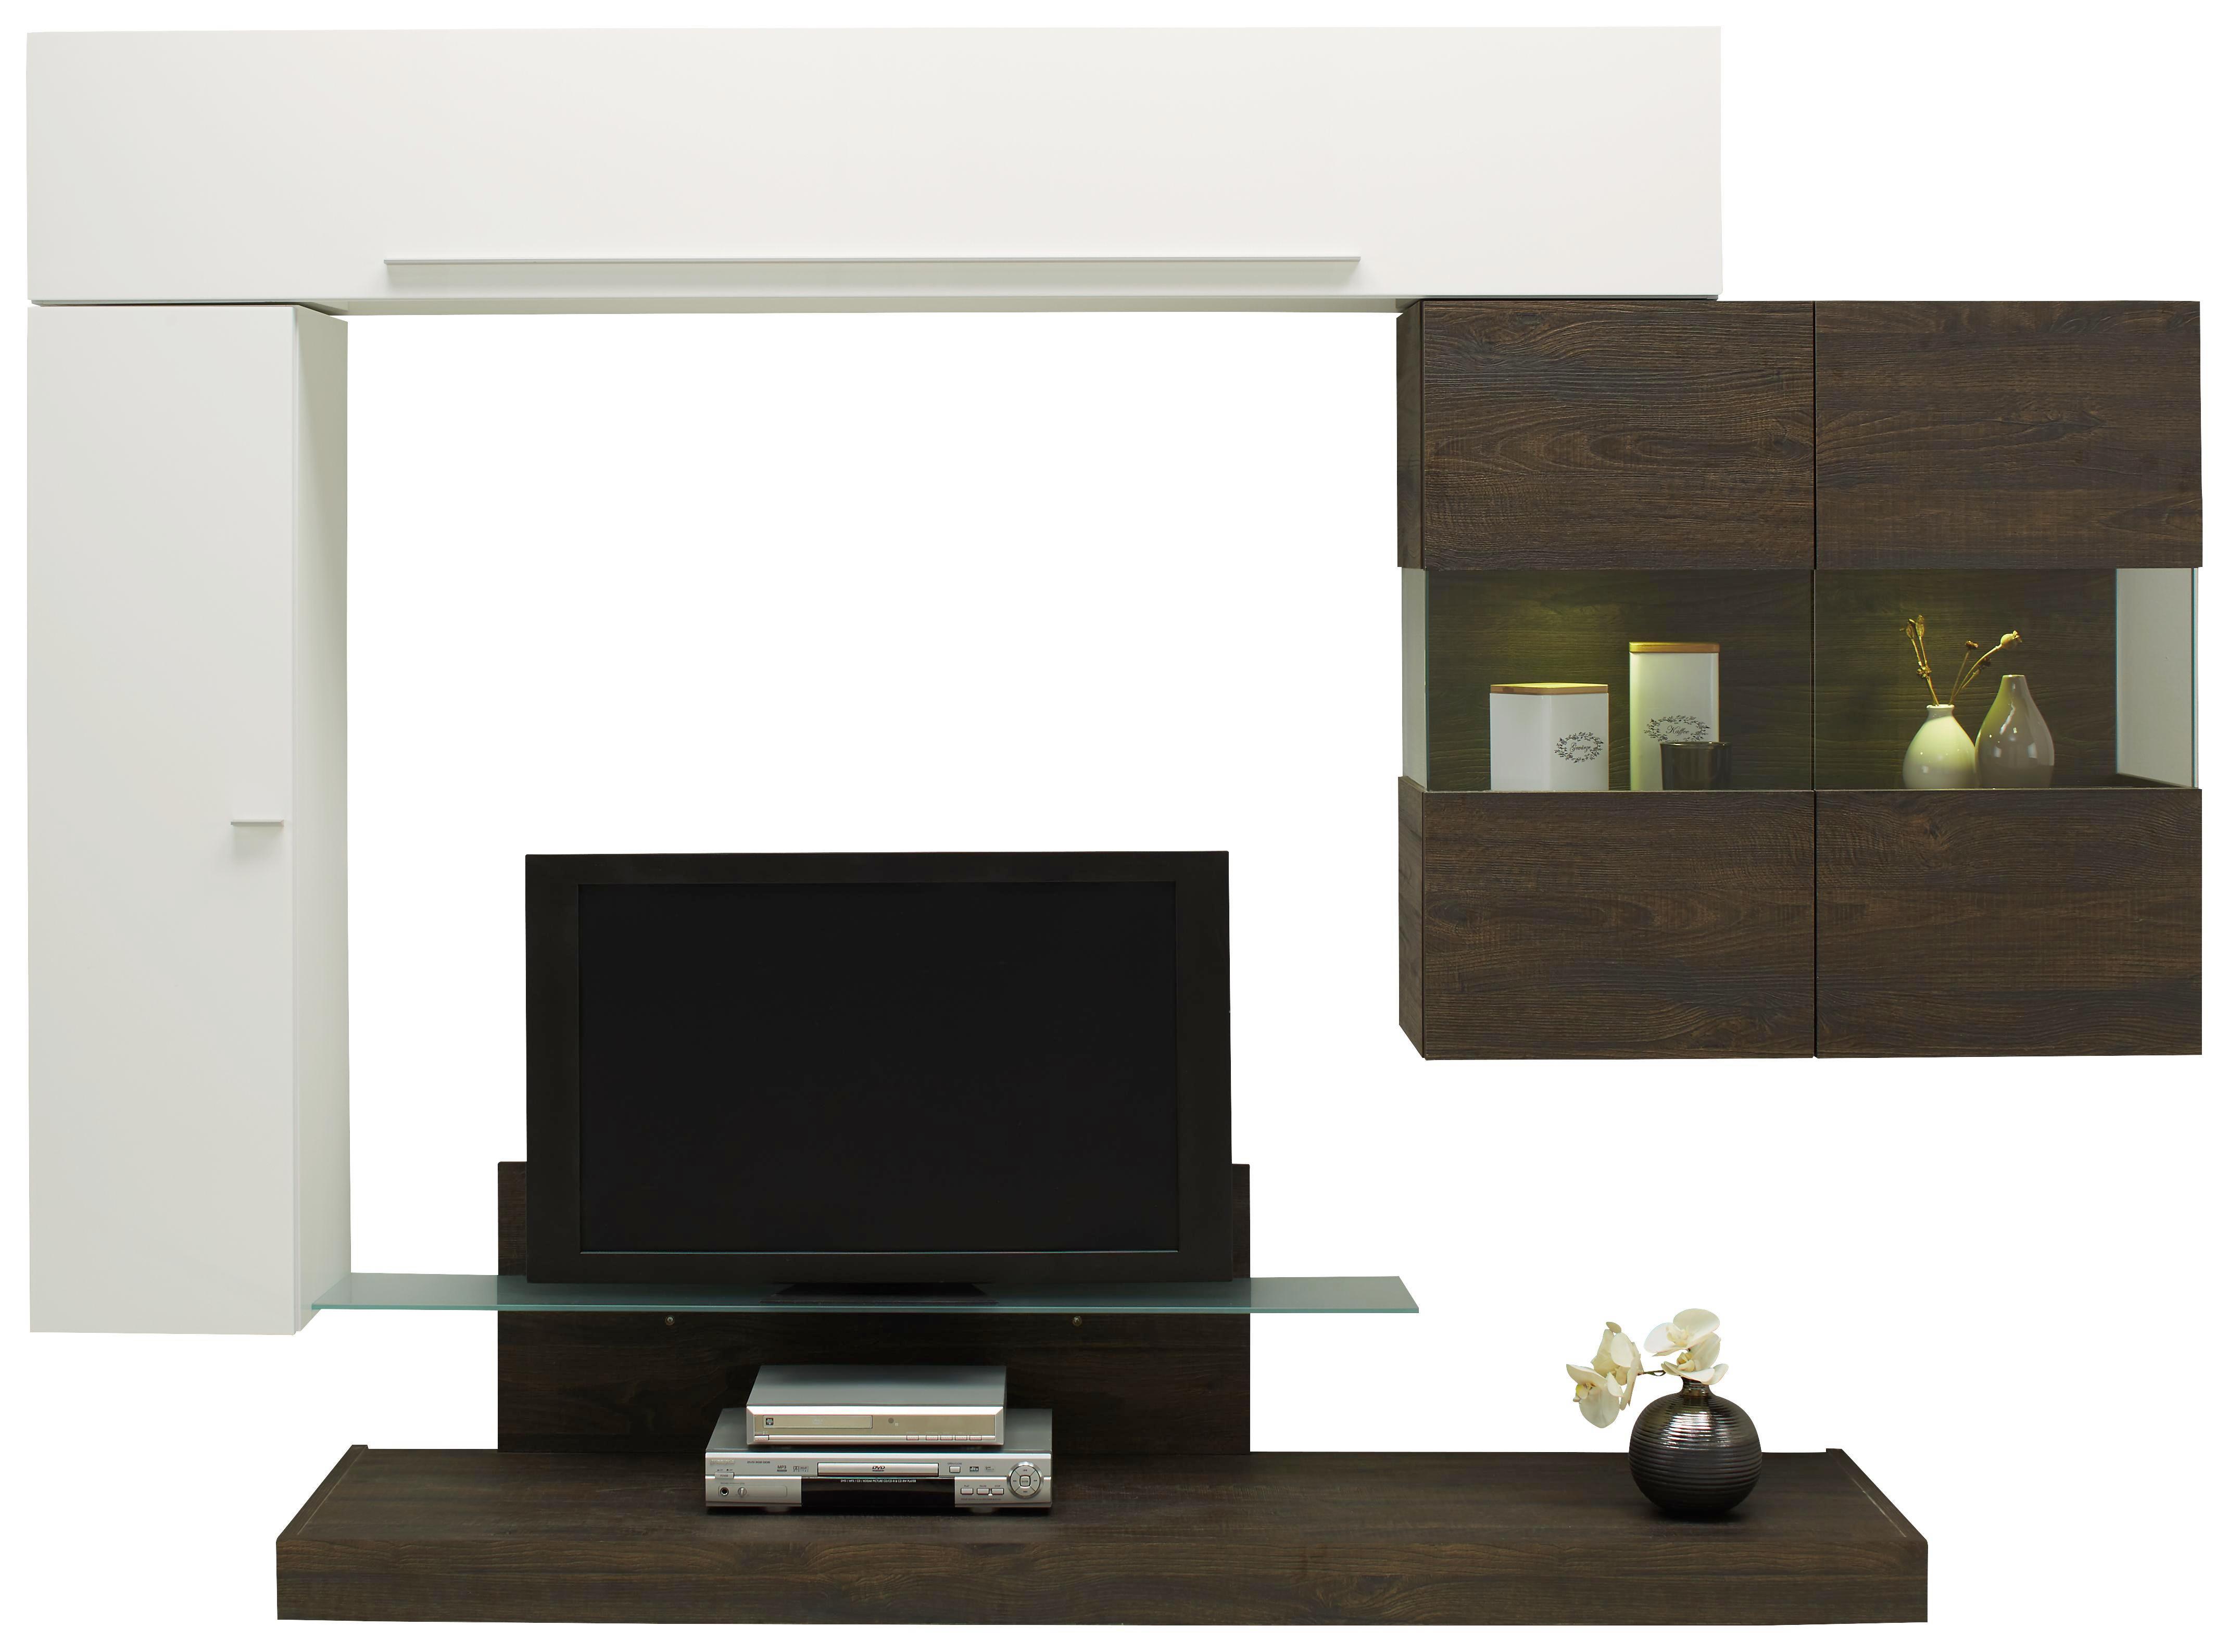 kche nach ma online affordable schne austauschen erfahrungen austauschen erfahrungen und kche. Black Bedroom Furniture Sets. Home Design Ideas